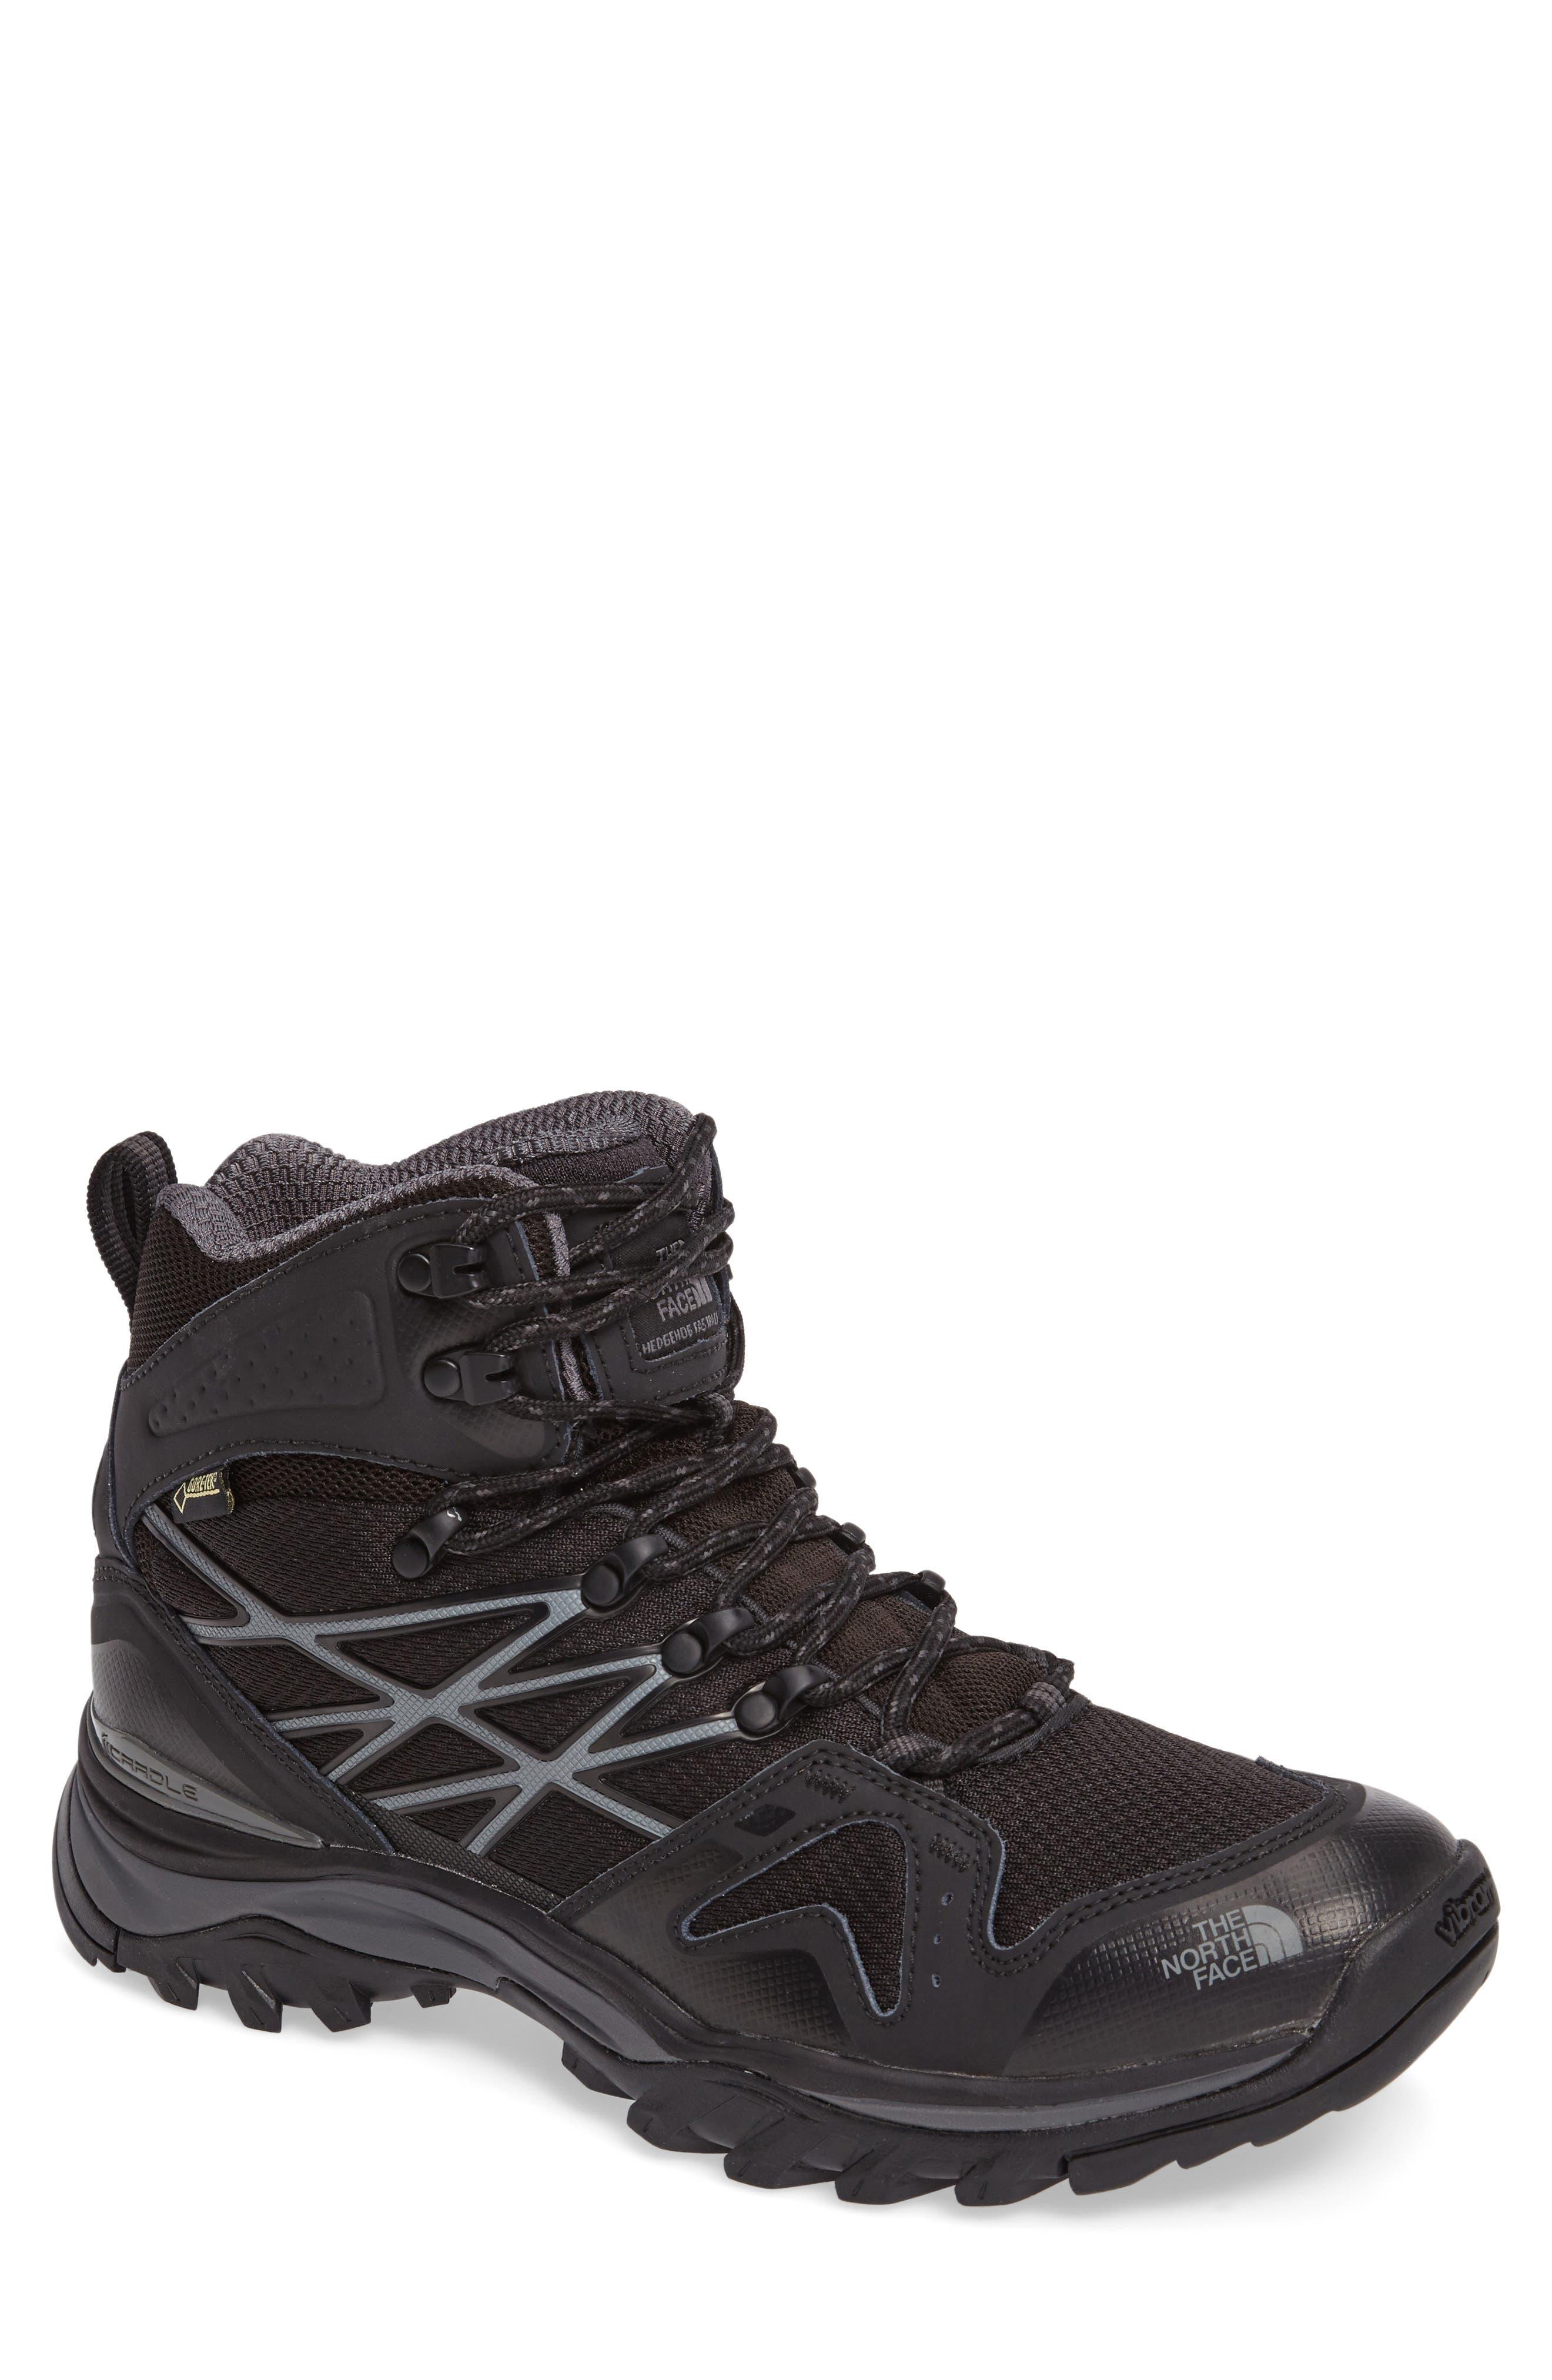 The North Face Hedgehog Fastpack Hiking Shoe (Men)